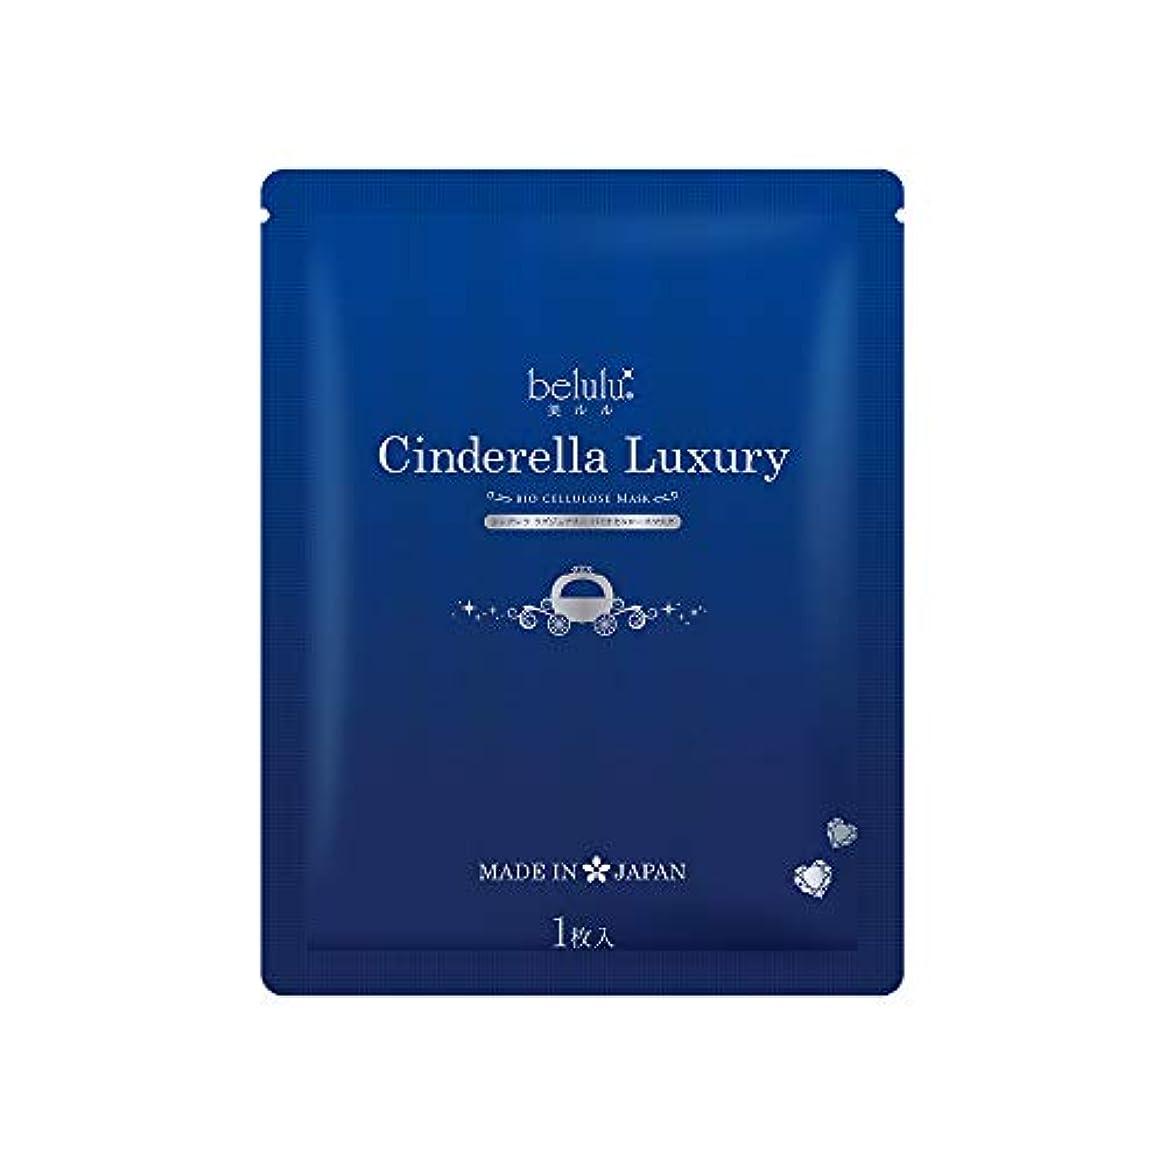 キネマティクス講師バラバラにするフェイスマスク 美ルル シンデレラ ラグジュアリー パック 美白 保湿 美肌 日本製 belulu Cinderella Luxury